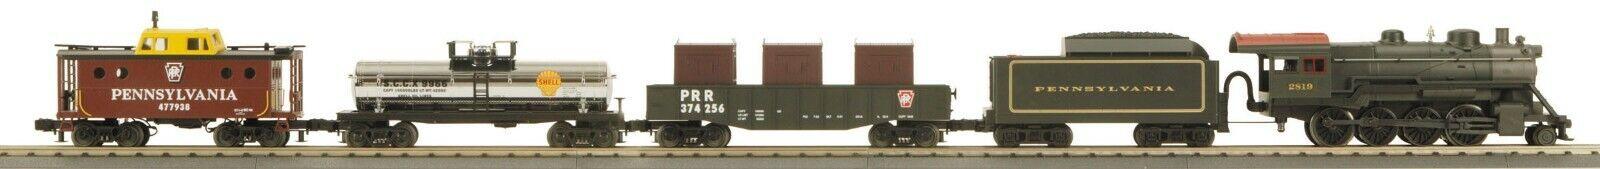 MTH 30-4136-1 Pennsylvania 2-8-0, Góndola, Tanque Coche, furgón de cola no pista, transf.